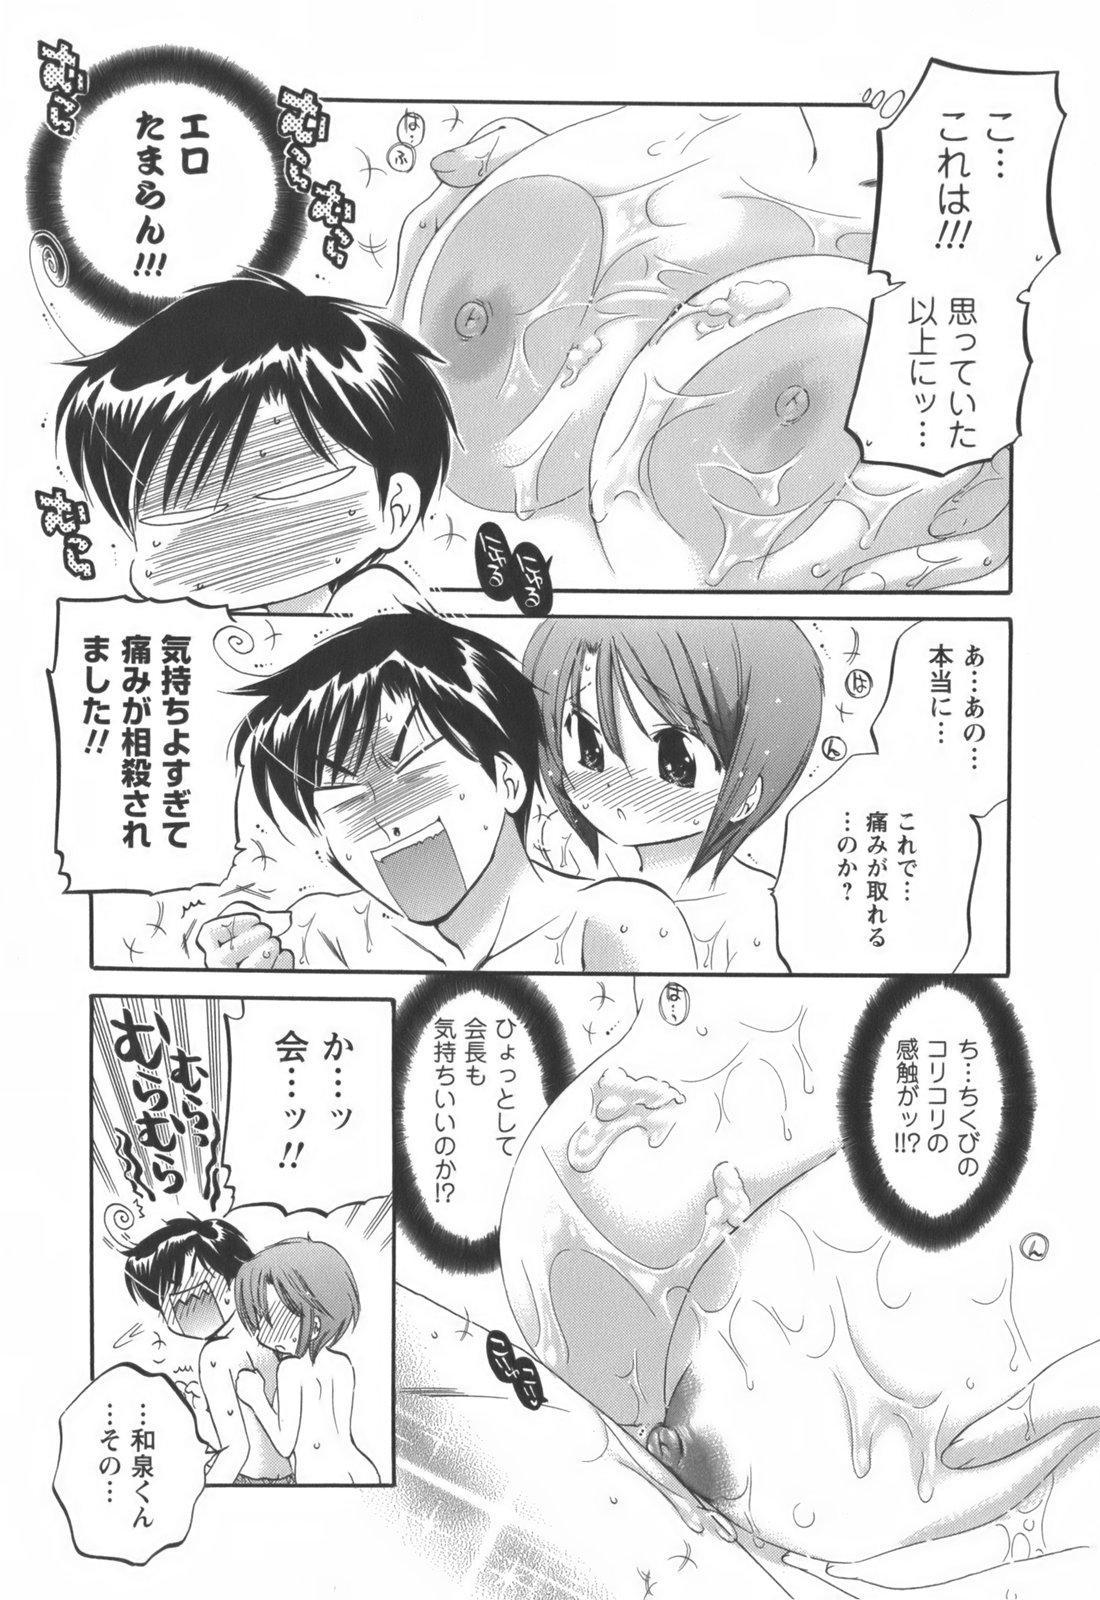 Okusama wa Seitokaichou 131